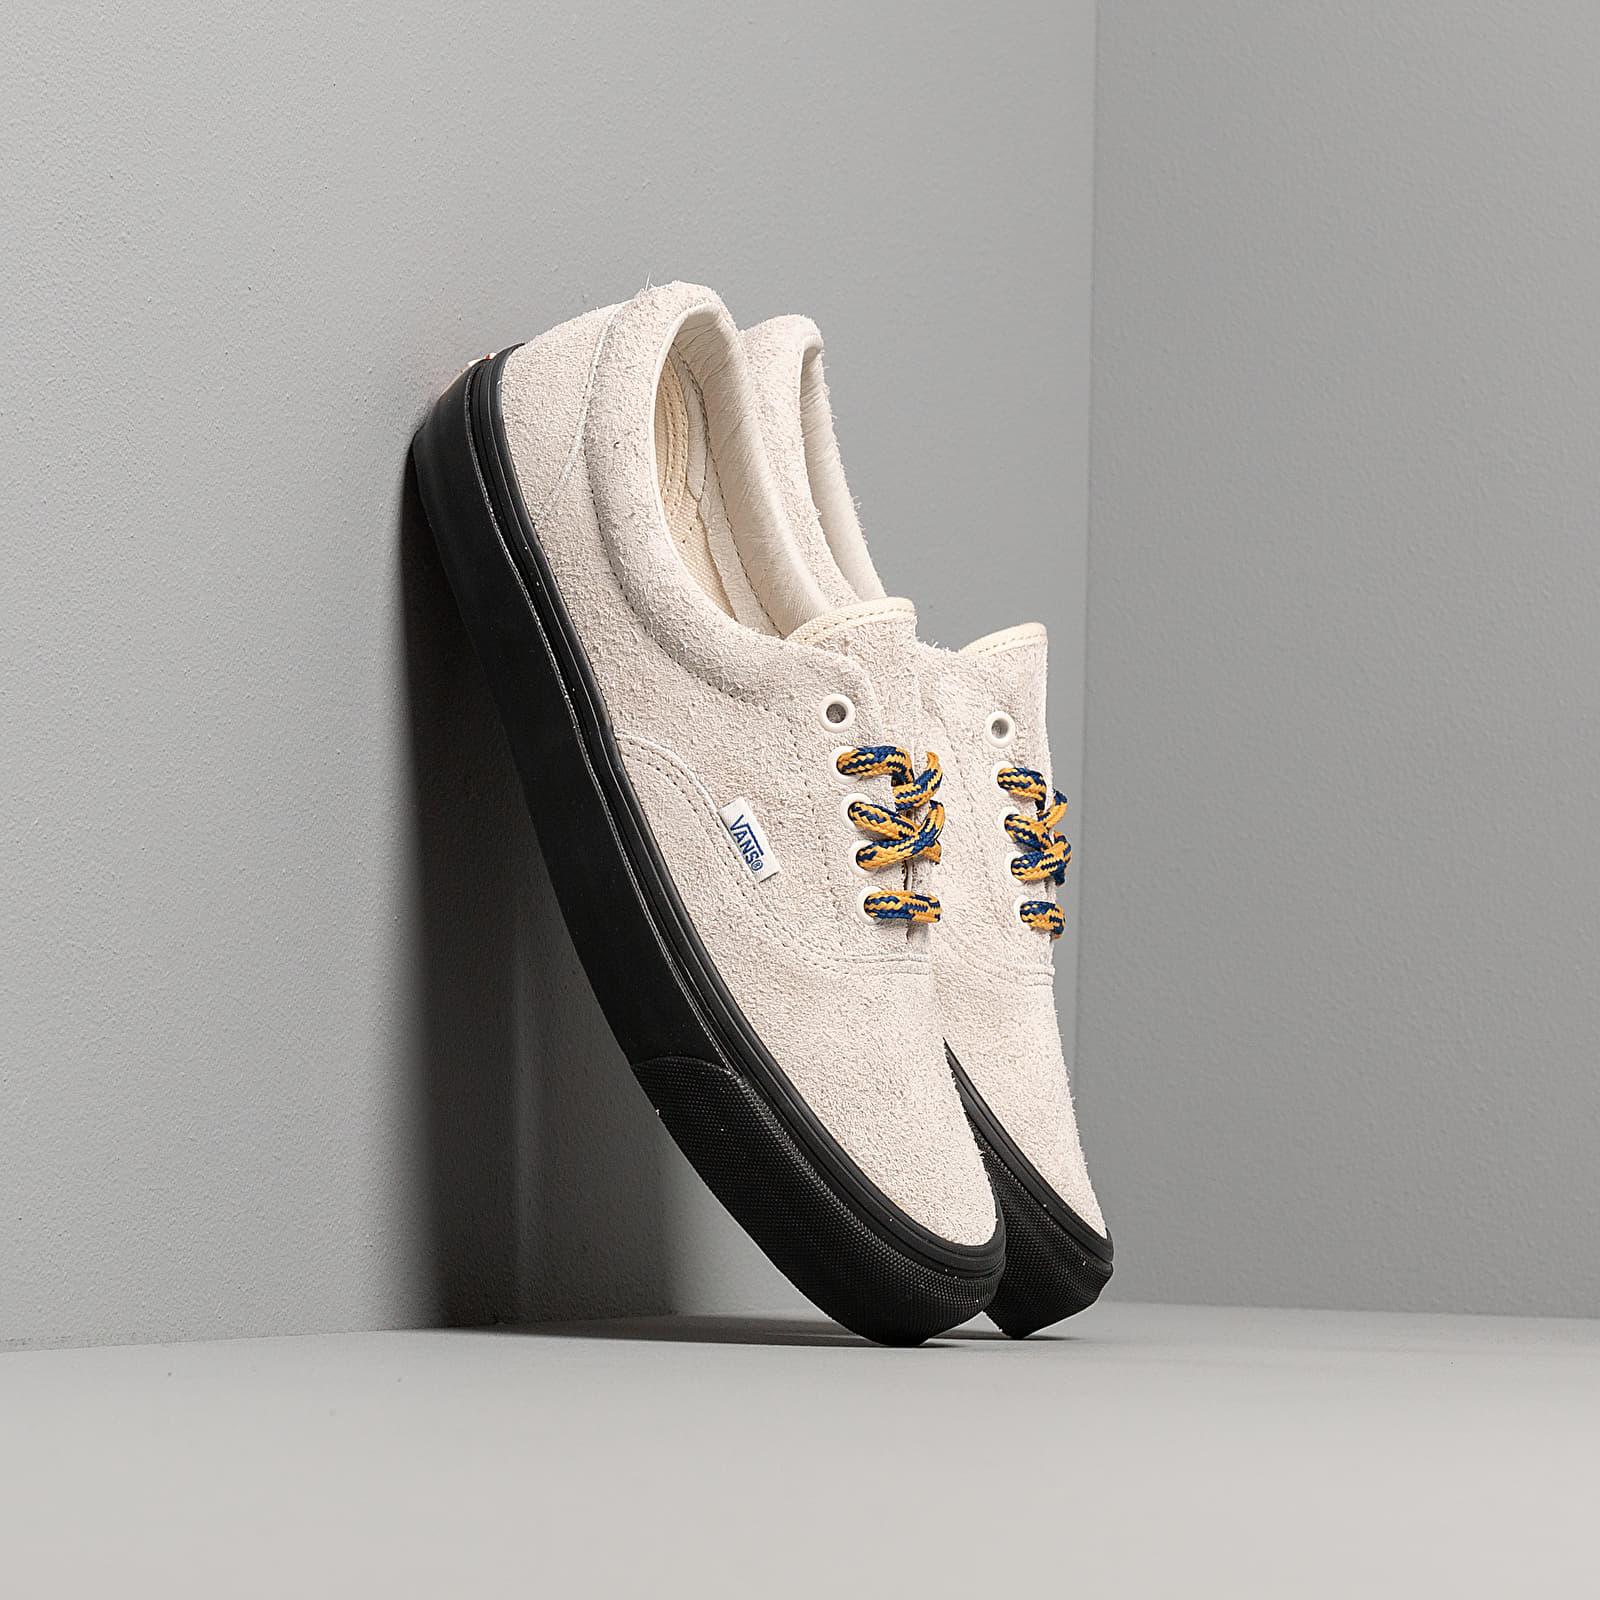 Pánske tenisky a topánky Vans OG Era LX (Hairy Suede) Beige/ Black